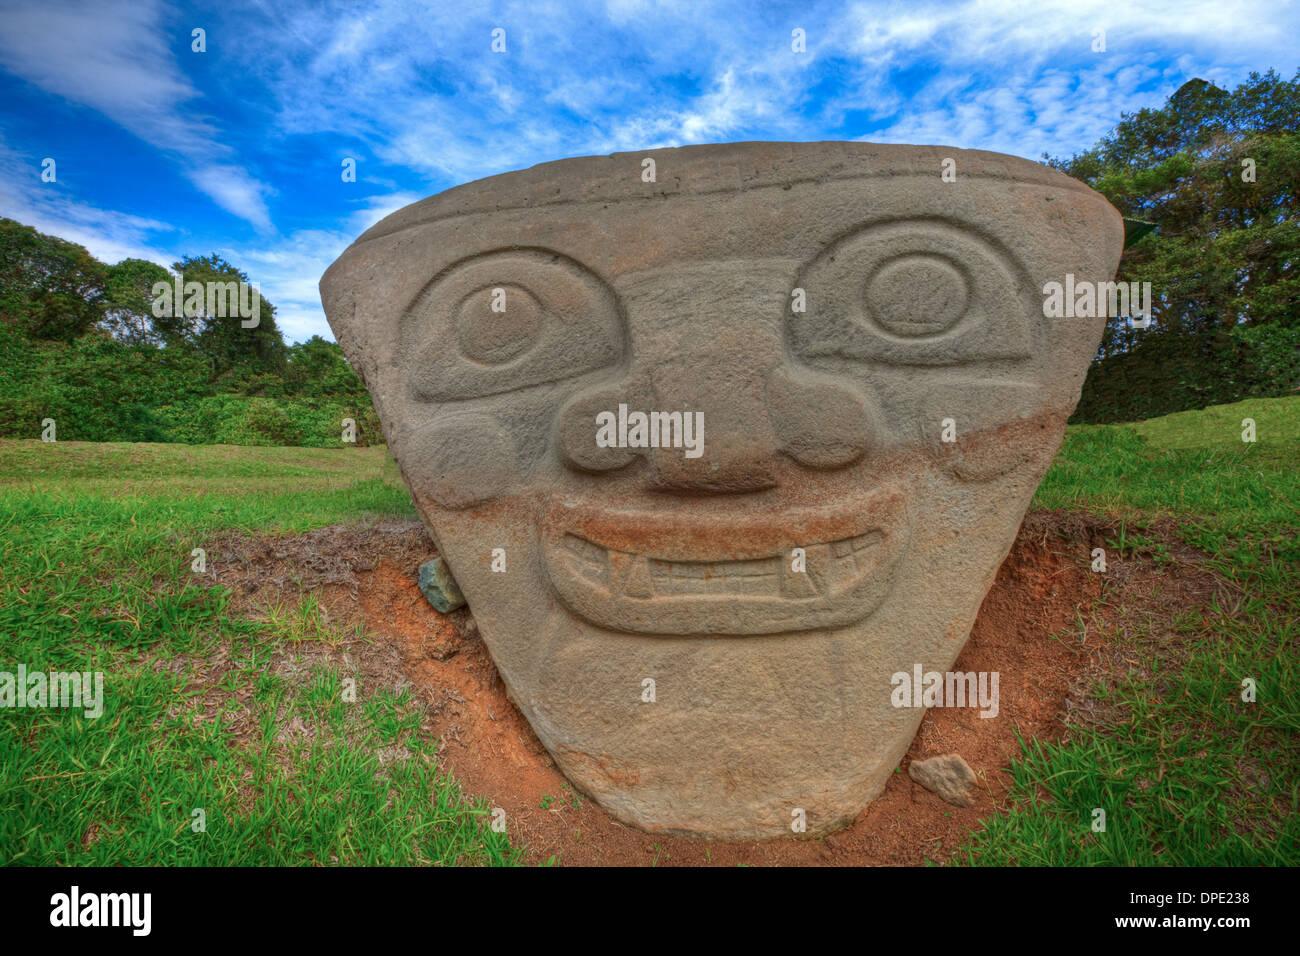 Sonnengott Statue, San Agustin archäologischen Park, Kolumbien, 3000 Jahr Statuen von unbekannten Kultur Stockbild